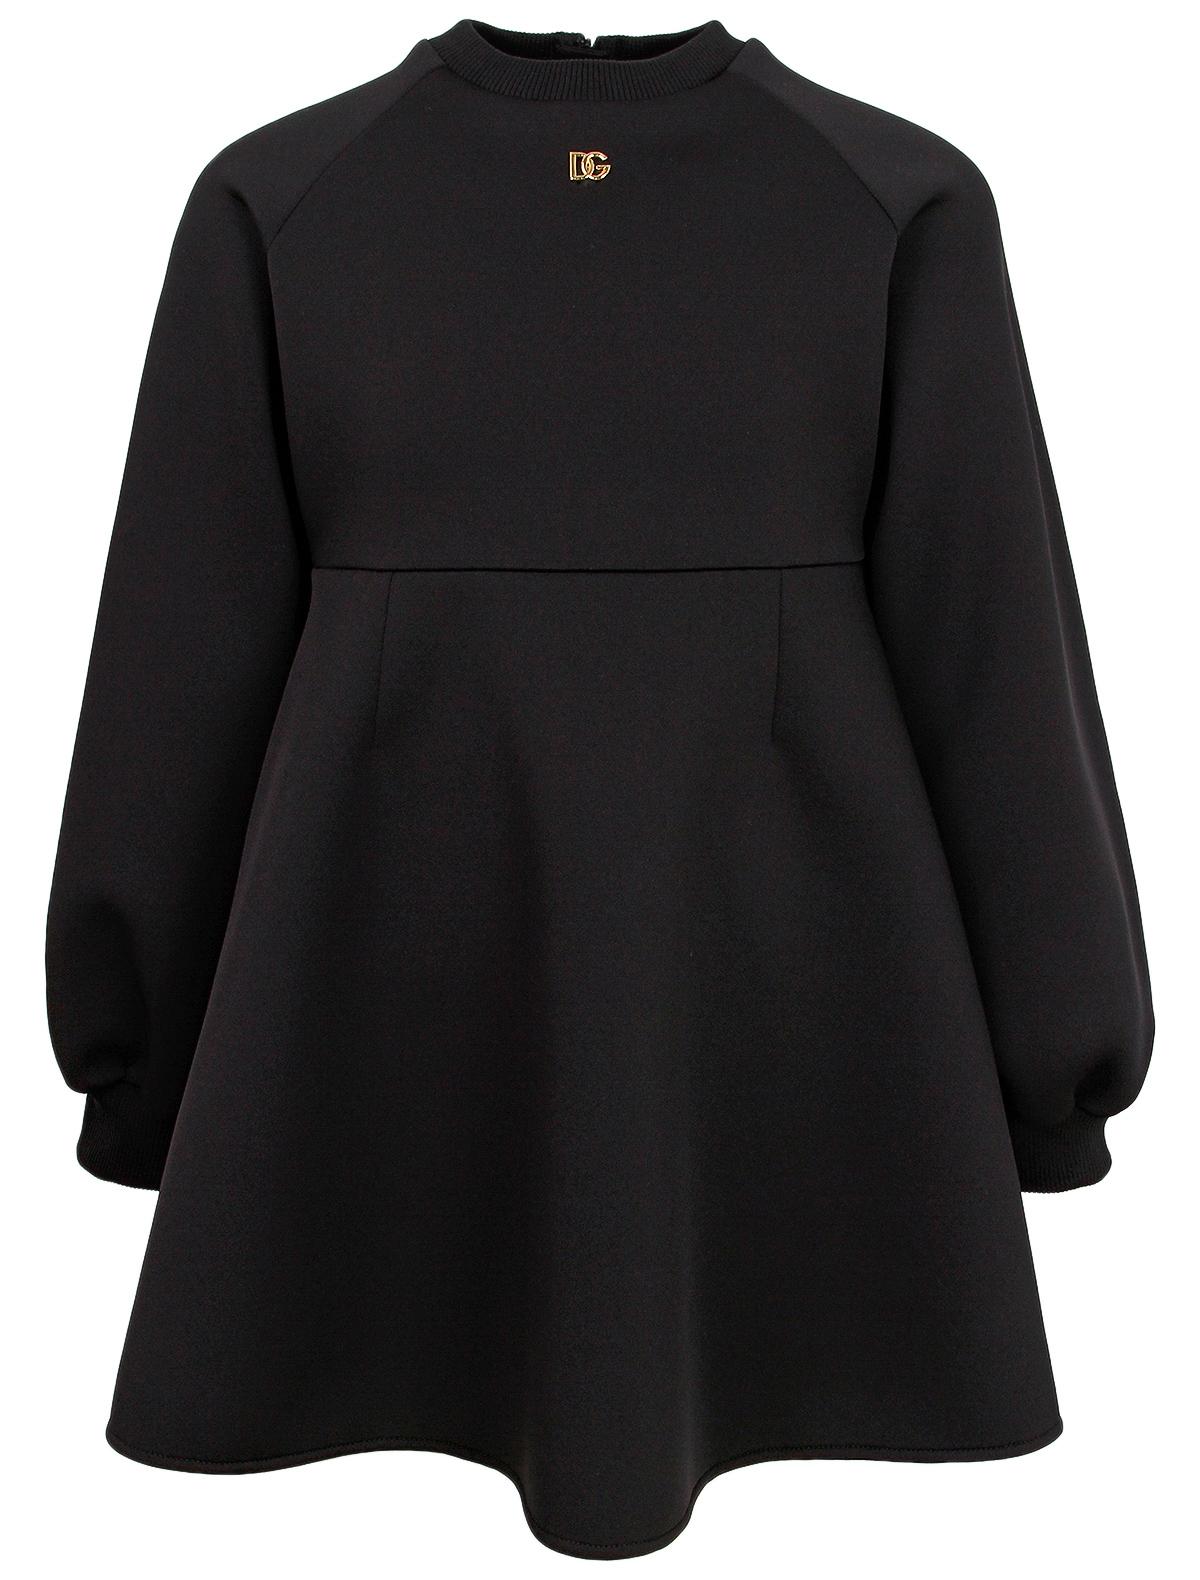 Купить 2357044, Платье Dolce & Gabbana, черный, Женский, 1054609185124